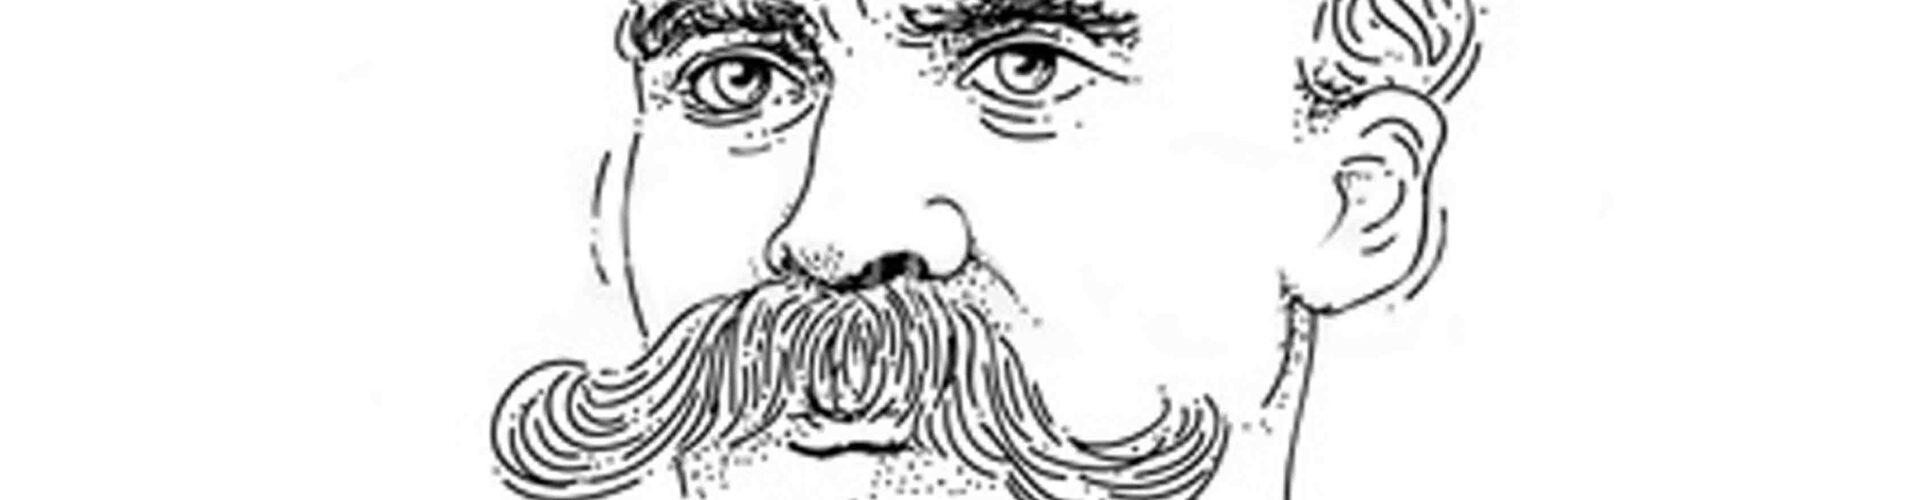 Nietzsche'nin Hayatından Hayata Dair Dersler